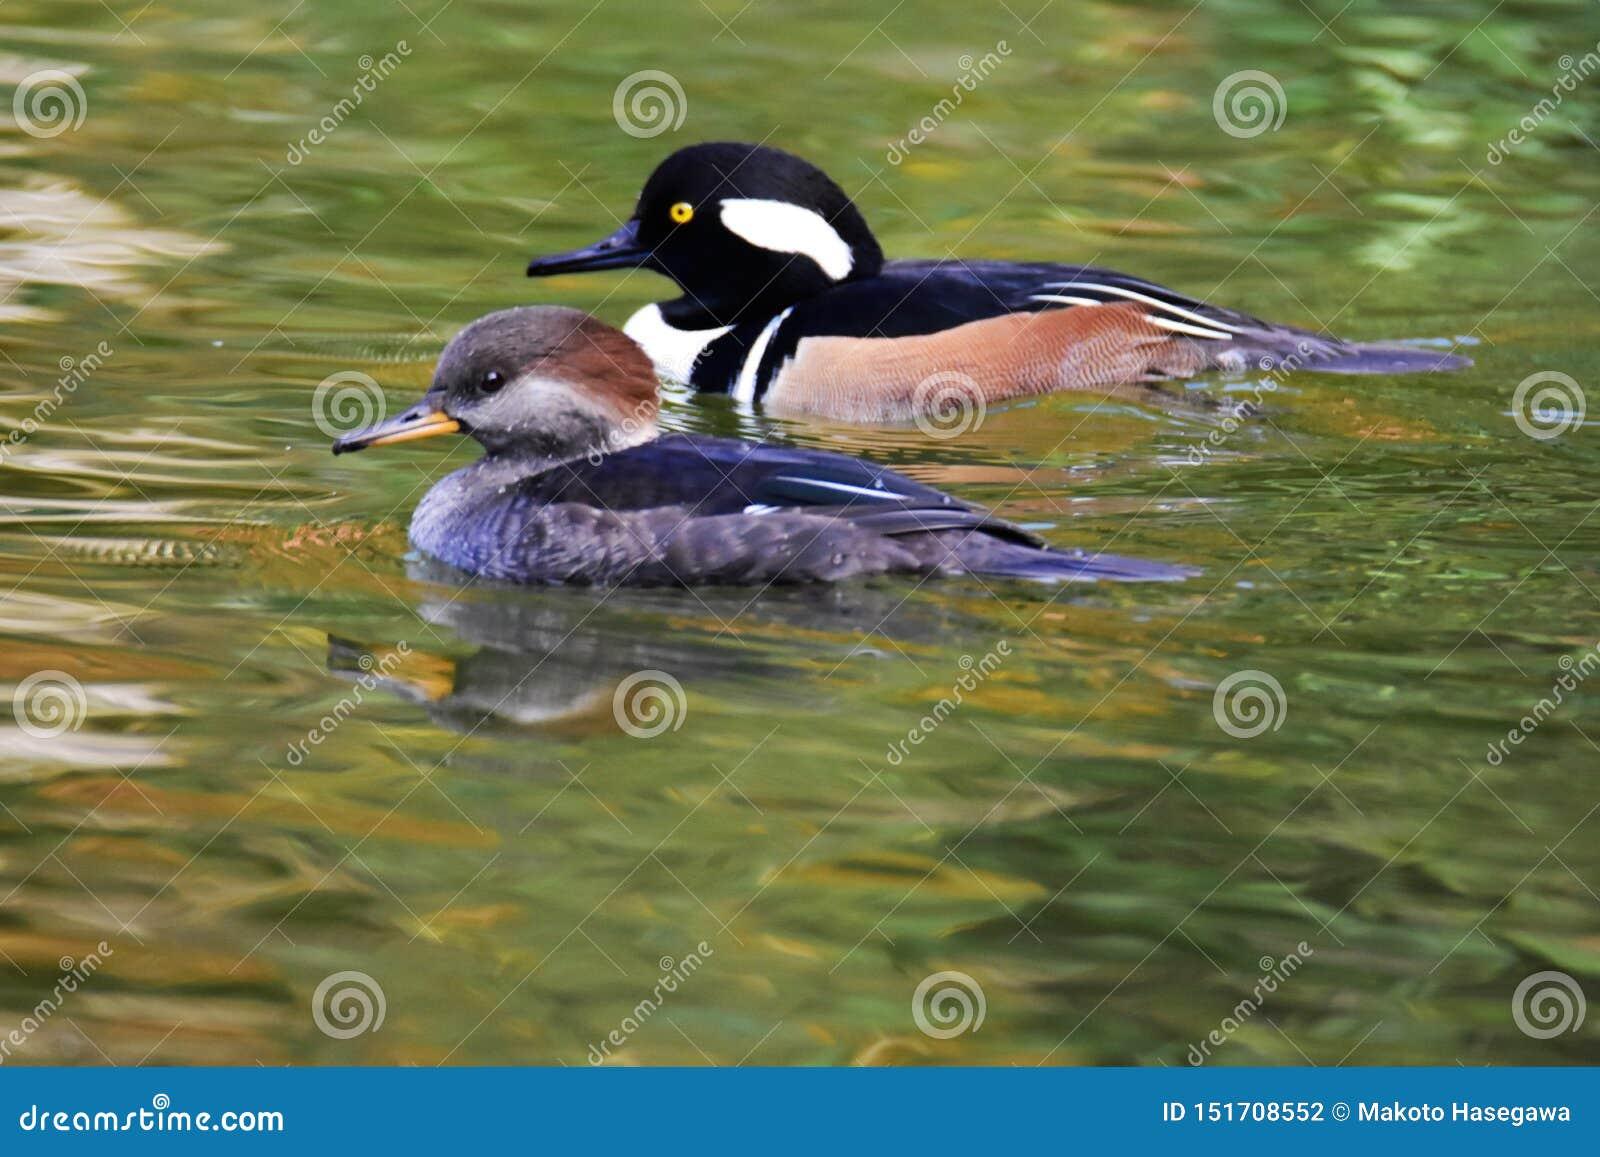 Ein Paar Kappensägerschwimmen im Teich